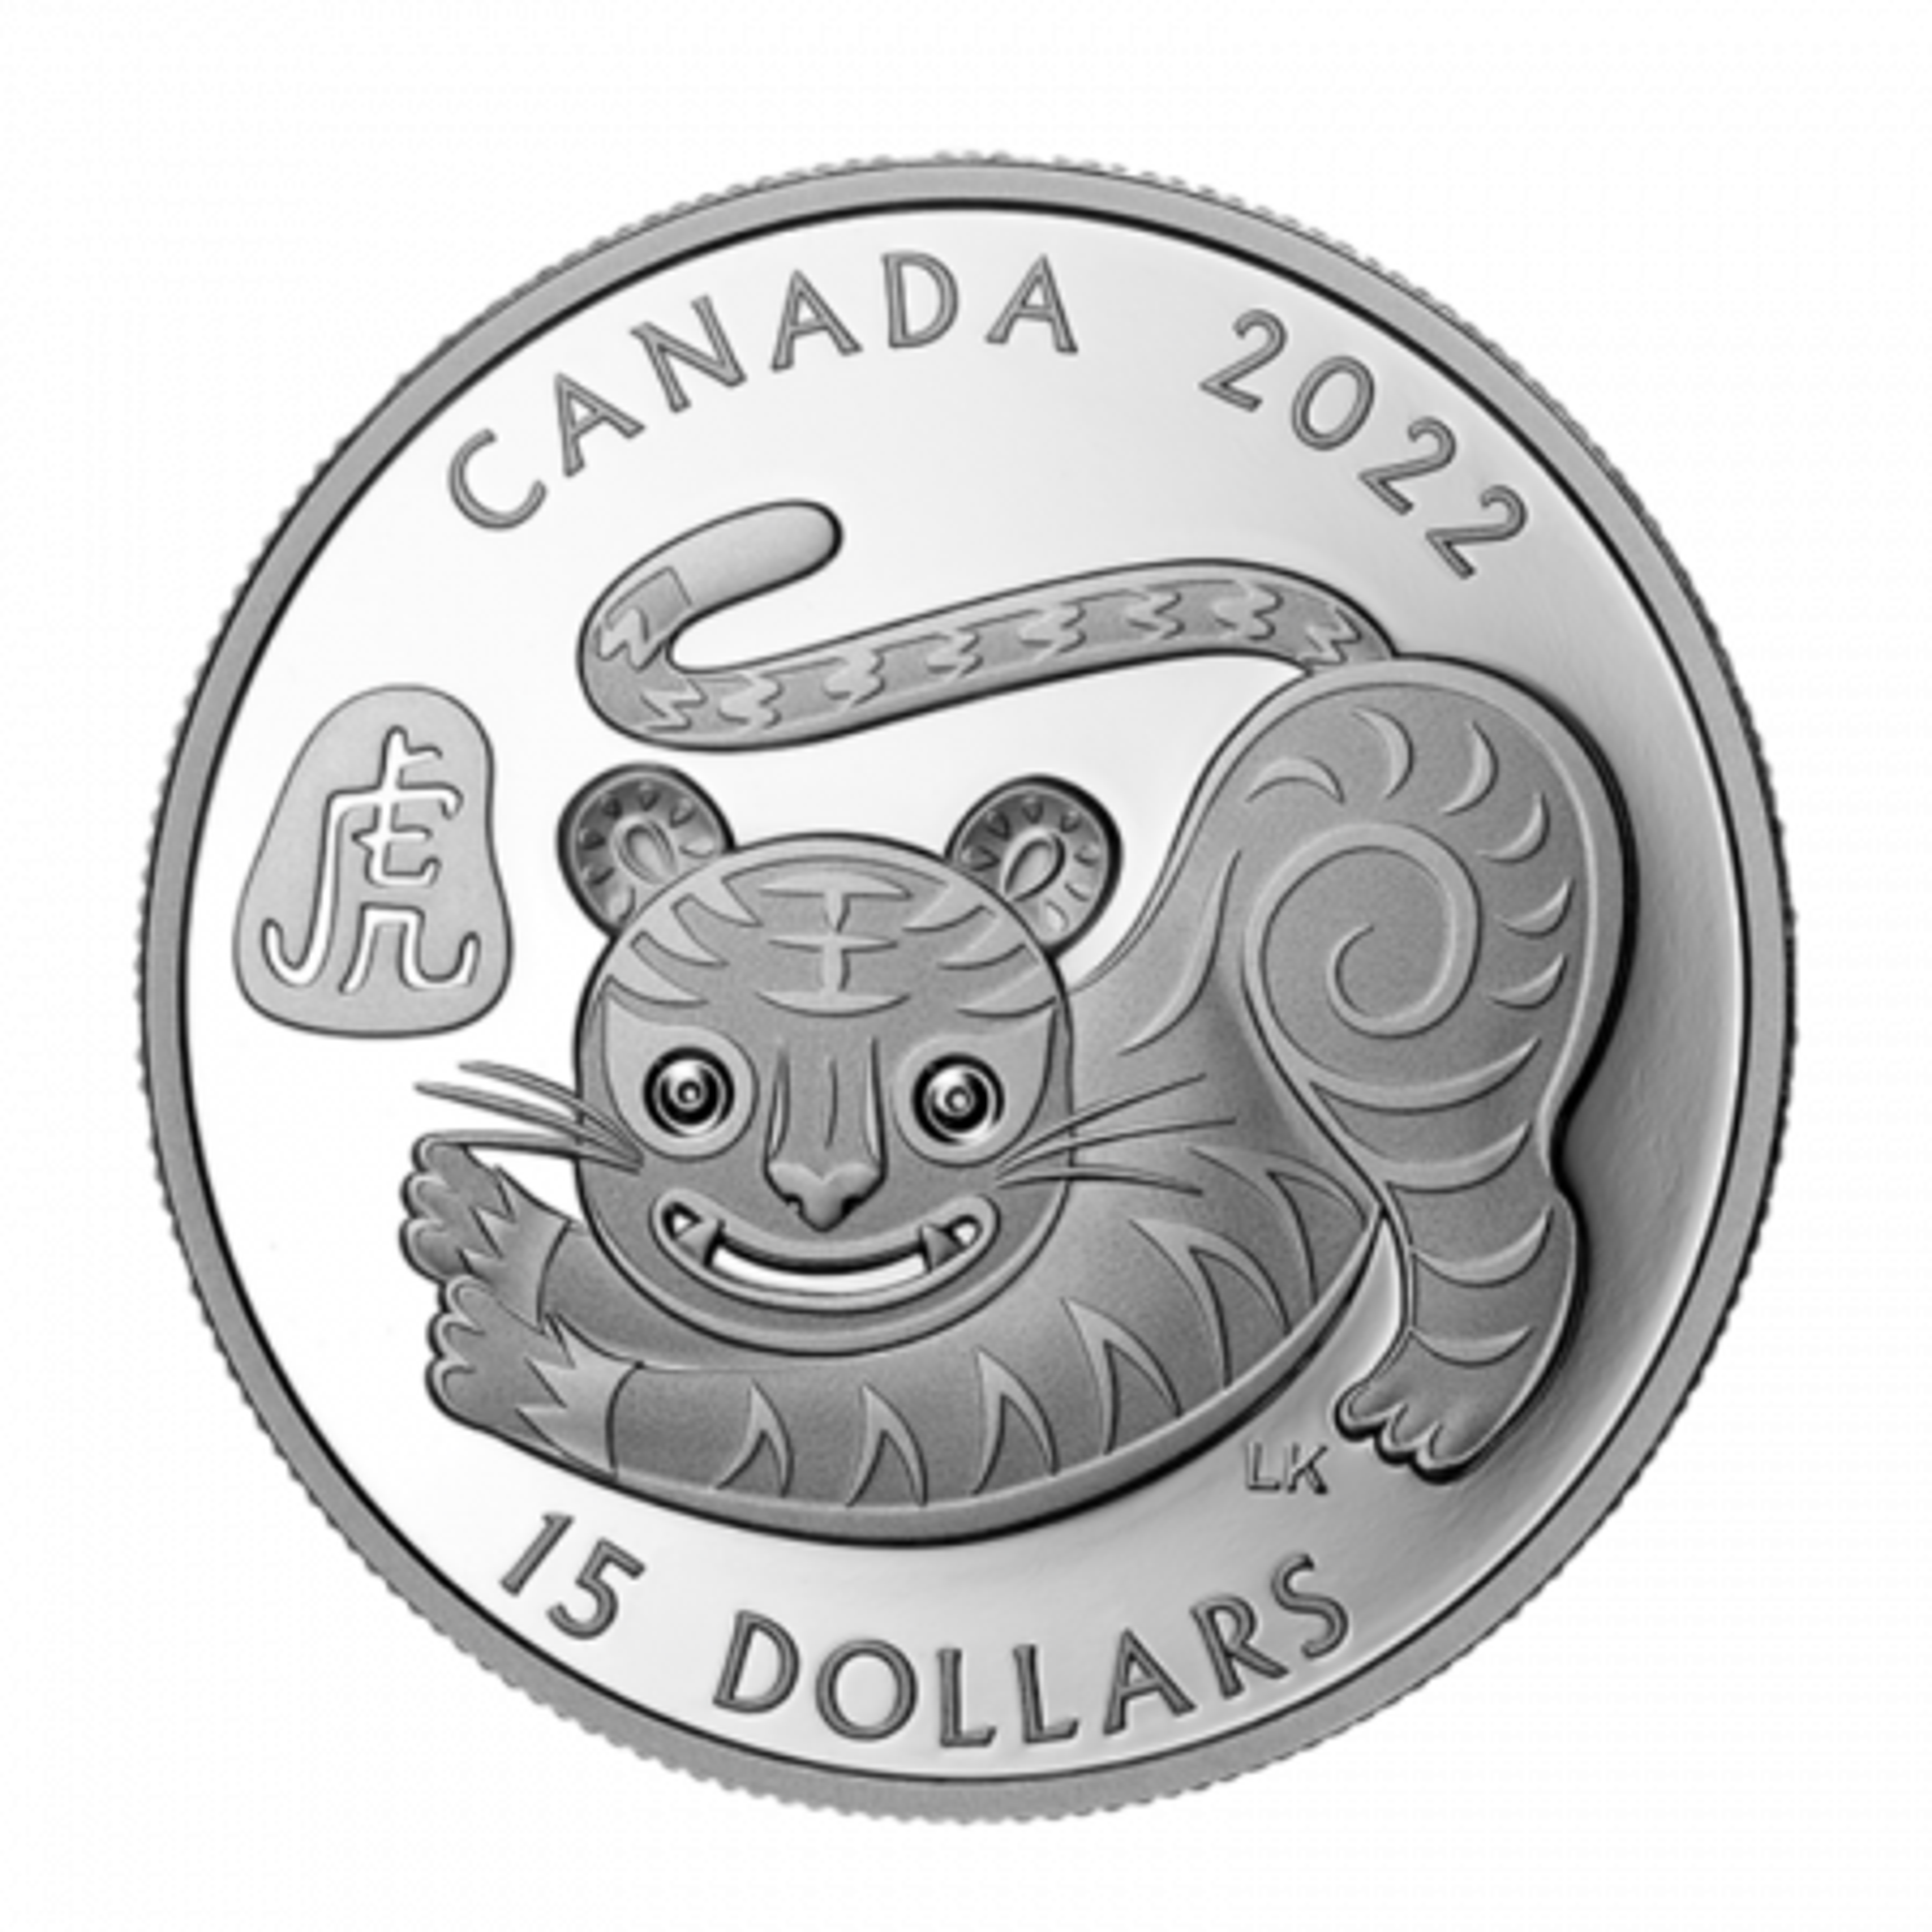 1 Troy ounce zilveren munt Lunar 2022 Proof jaar van de tijger